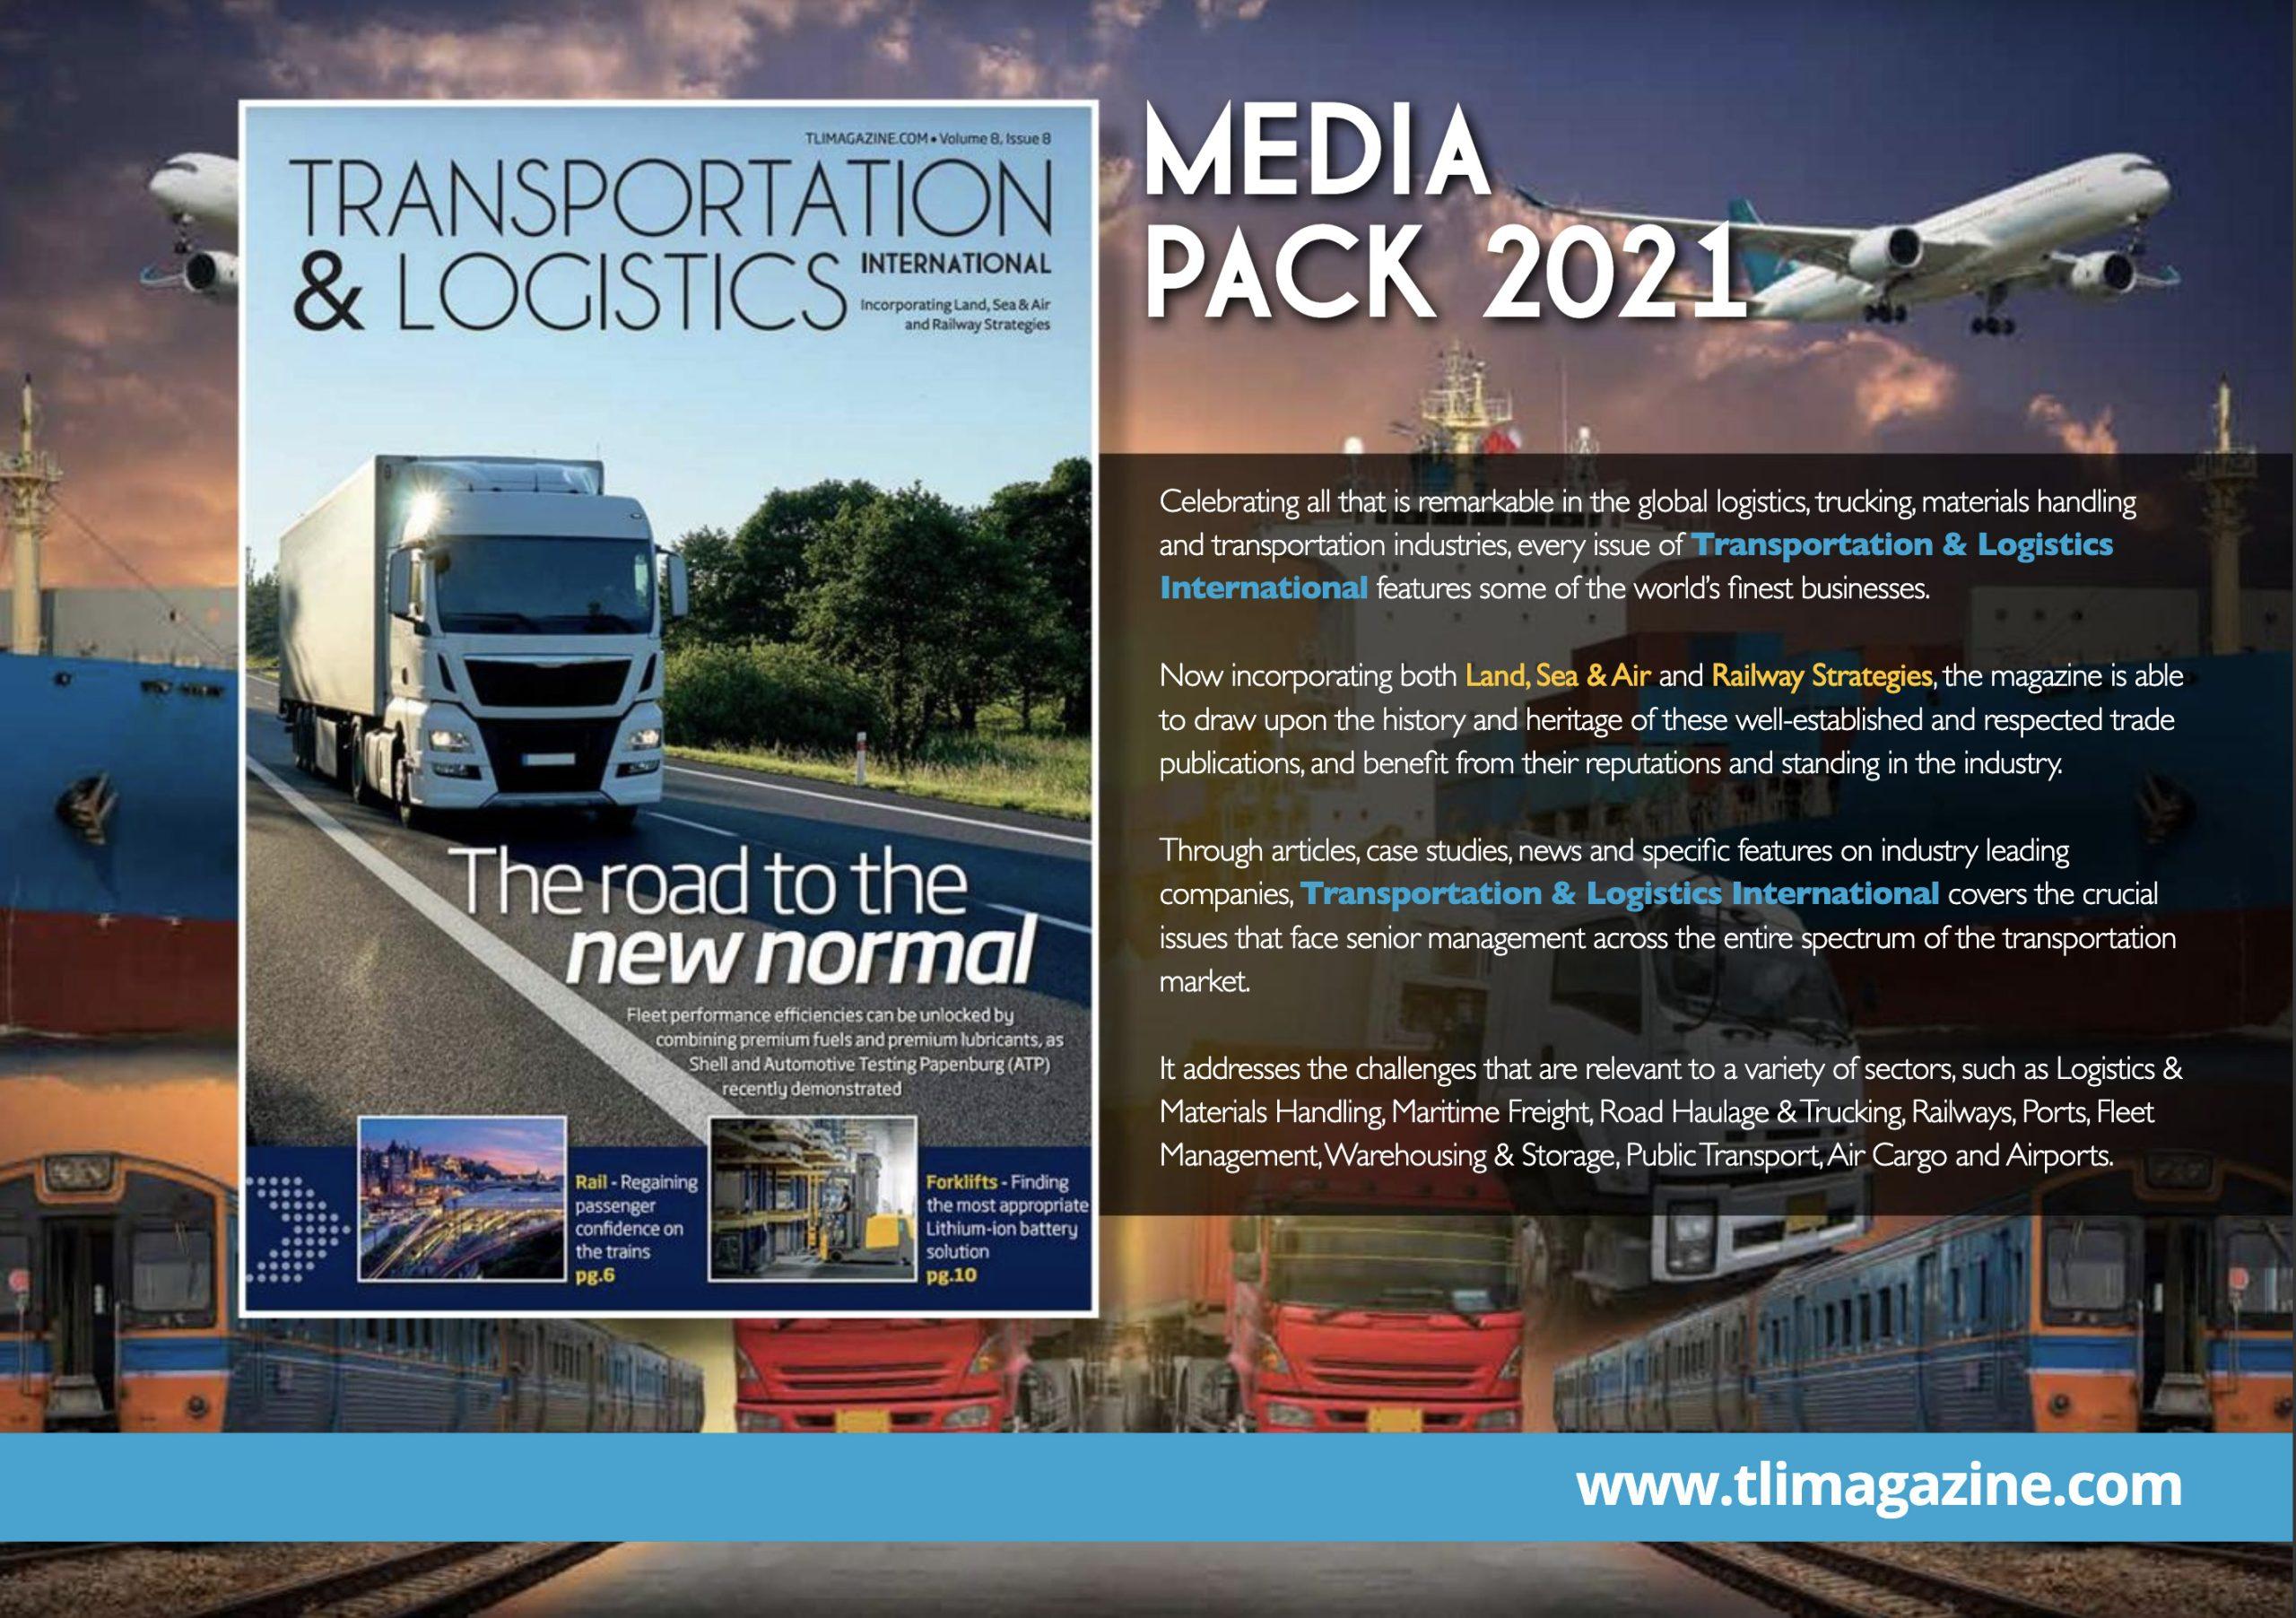 TLI Media Pack Cover 2021